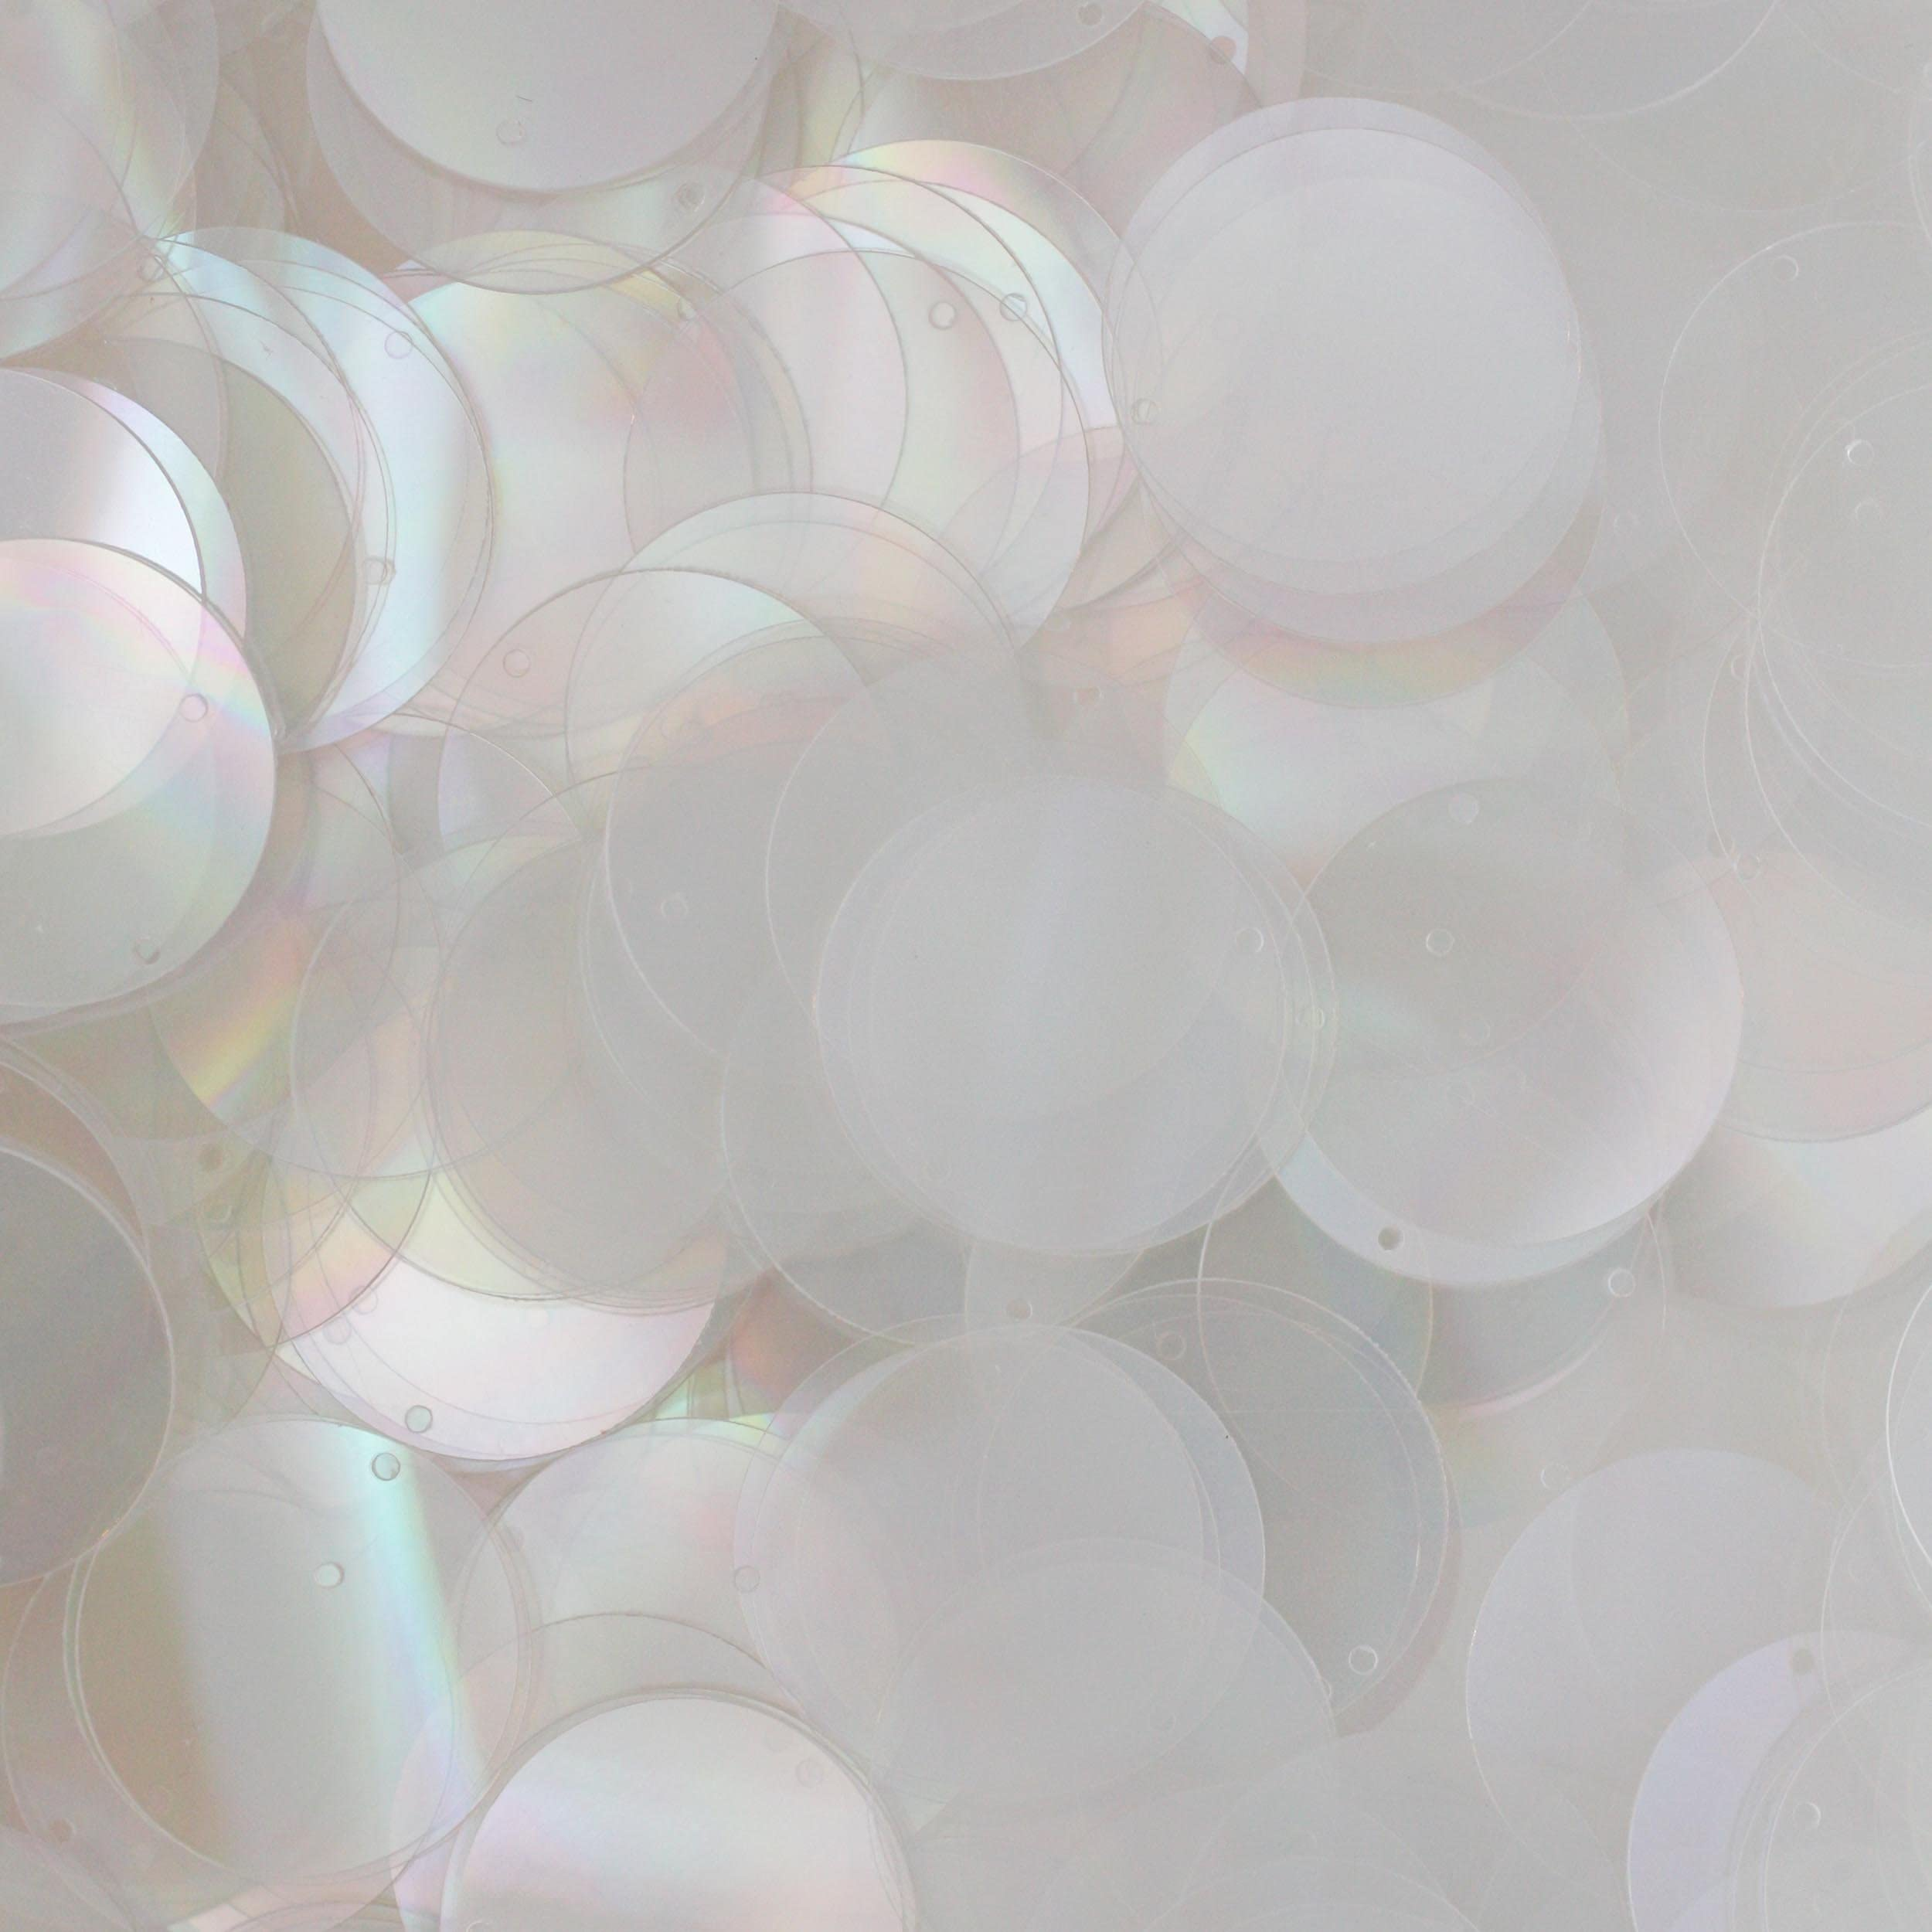 Sequin Tear Drops  Ovals Transparent Lavender Iris Paillettes  Flat ~10mm x ~13mm ~200 pieces Loose